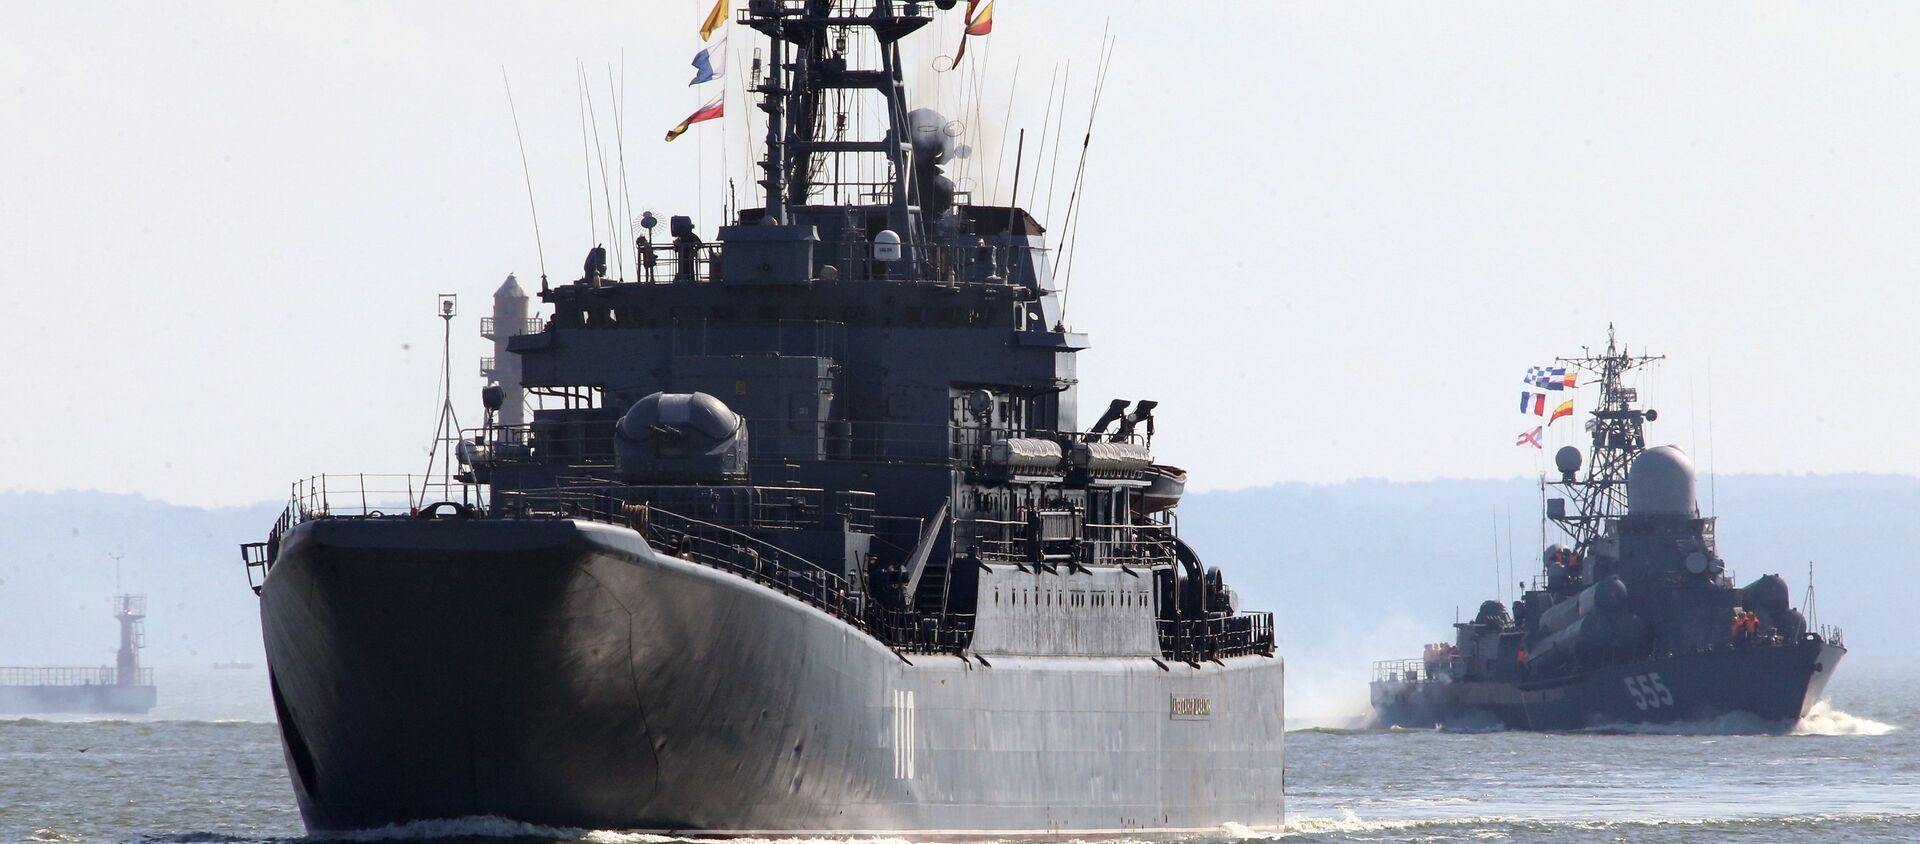 Tàu đổ bộ cỡ lớn Alexandr Shabalin (bên trái) và tàu tên lửa cỡ nhỏ Geizer cùng đội tàu của Hạm đội Baltic ra biển trong khuôn khổ cuộc tập trận chiến lược Nga-Belarus Phía Tây-2017 - Sputnik Việt Nam, 1920, 29.07.2021